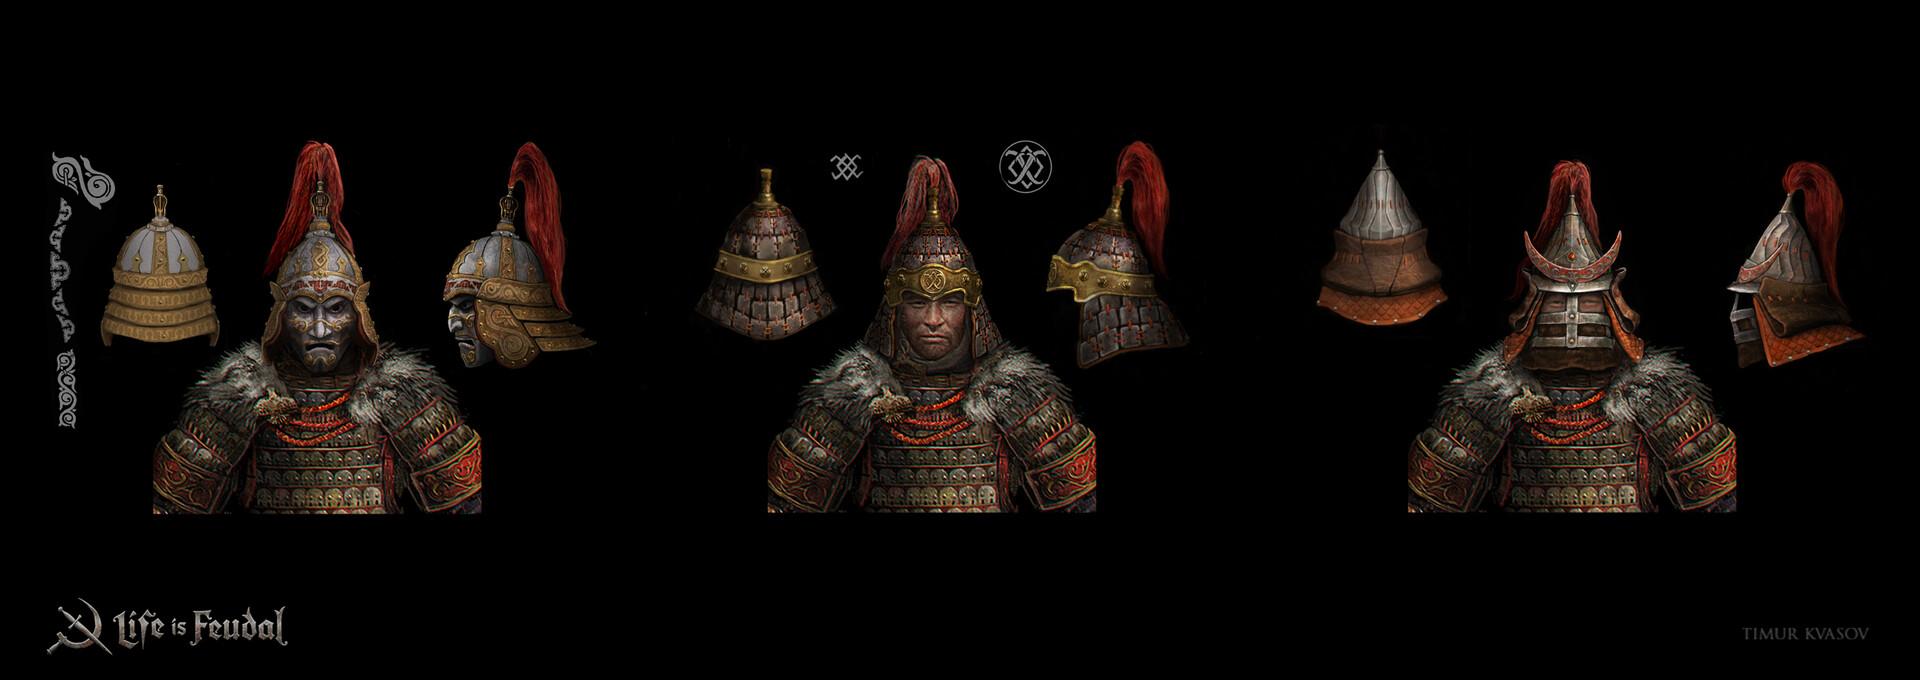 Timur kvasov lif helmets 04